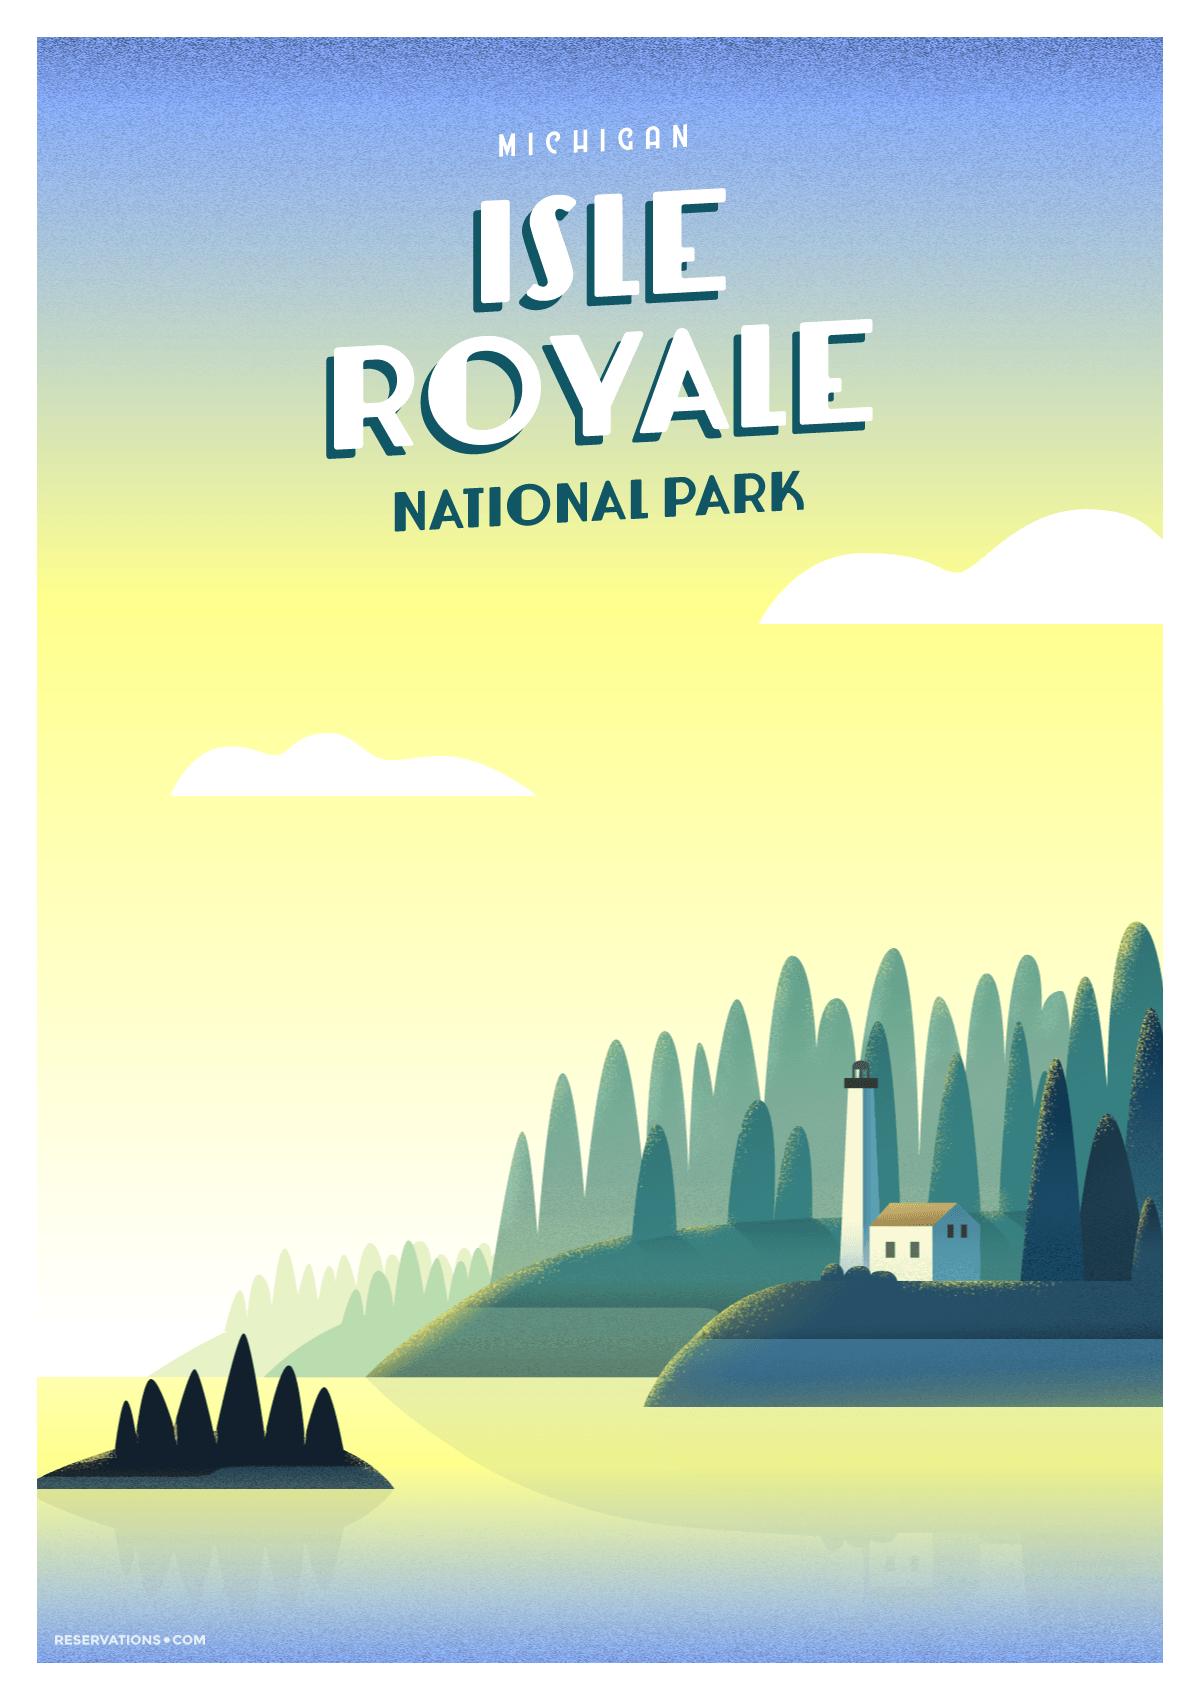 Isle Royal National Park, Michigan